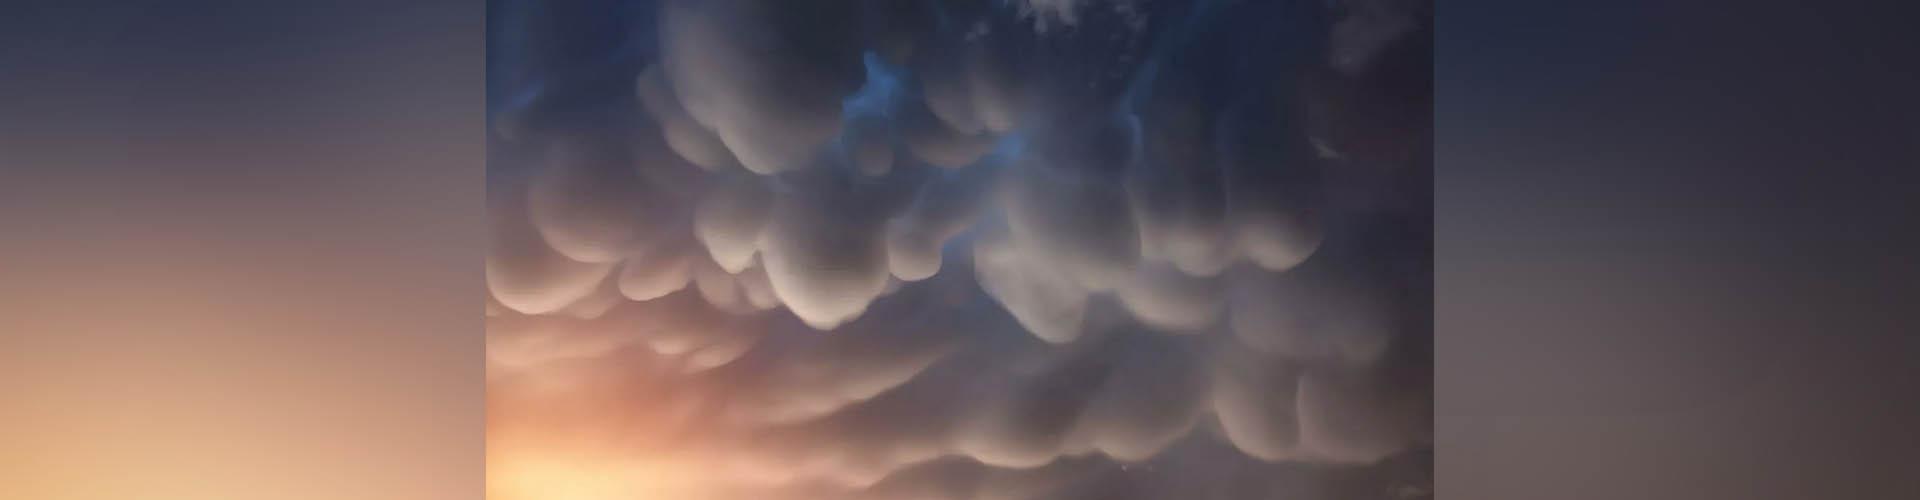 (VIDEO) Una rara nube mastodóntica aparece en el cielo de China